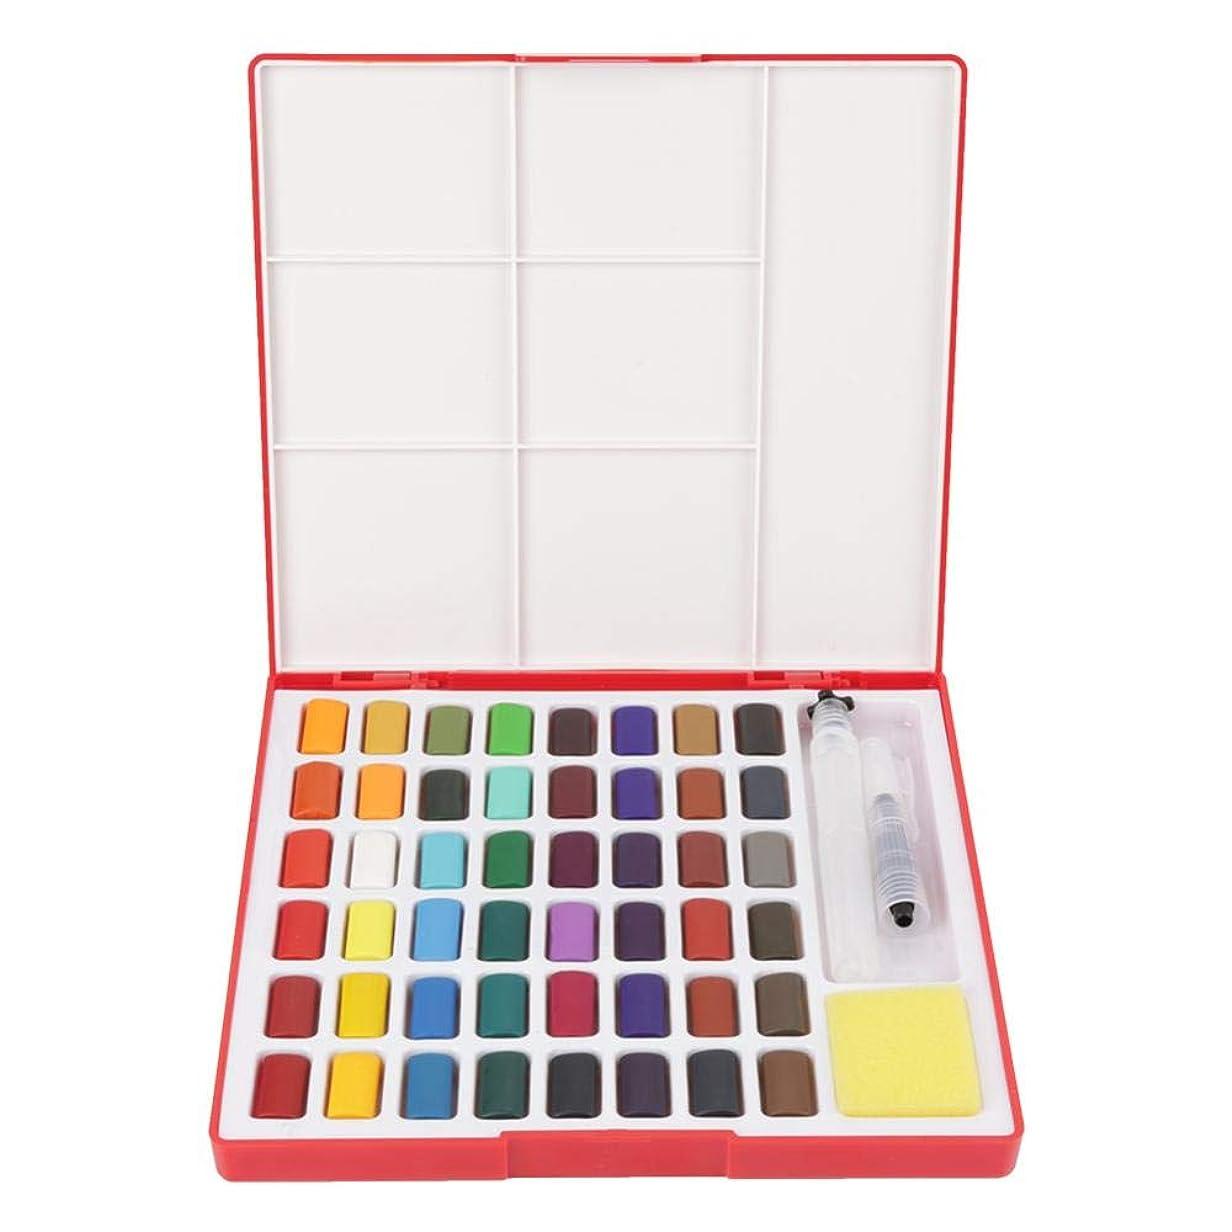 雇ったリーススポンジdooti 固形水彩 48色顔料 絵の具 パレットと水筆付属 水彩絵具 スケッチ 水彩画 美術 画材